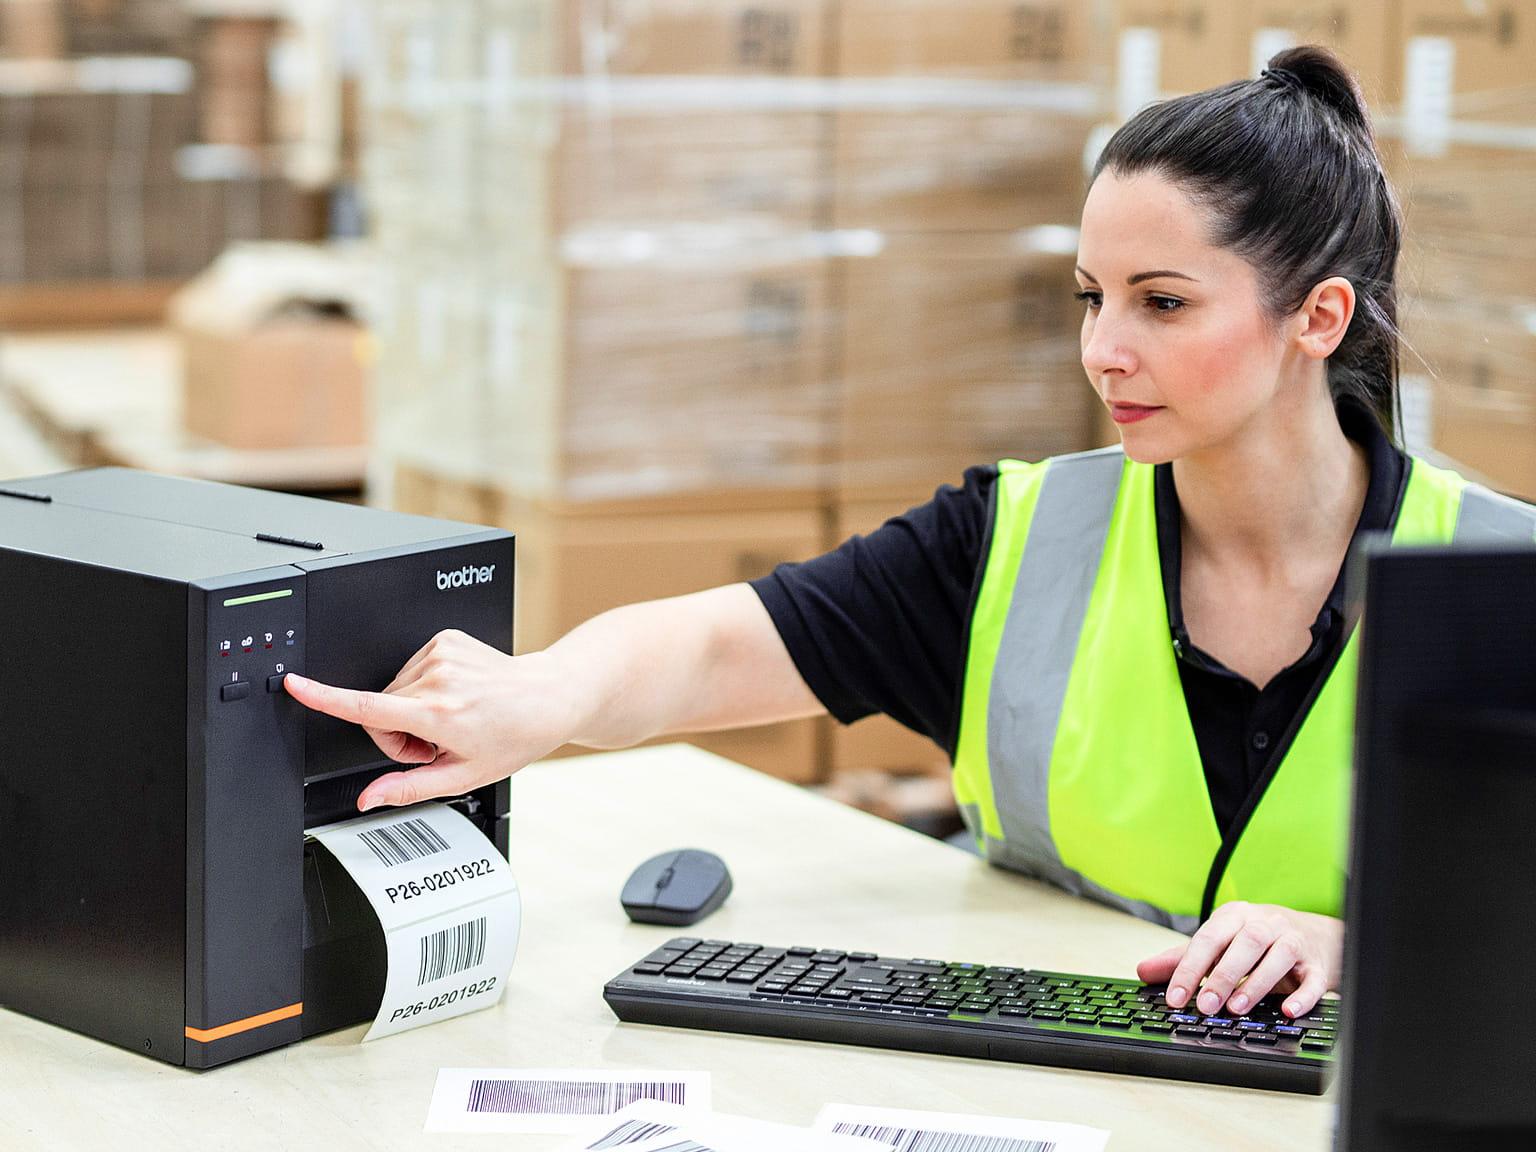 Logistikmitarbeiterin, an Schreibtisch sitzend, druckt Etiketten mit industriellem TJ-Etikettendrucker, Pakete auf Paletten im Hintergrund